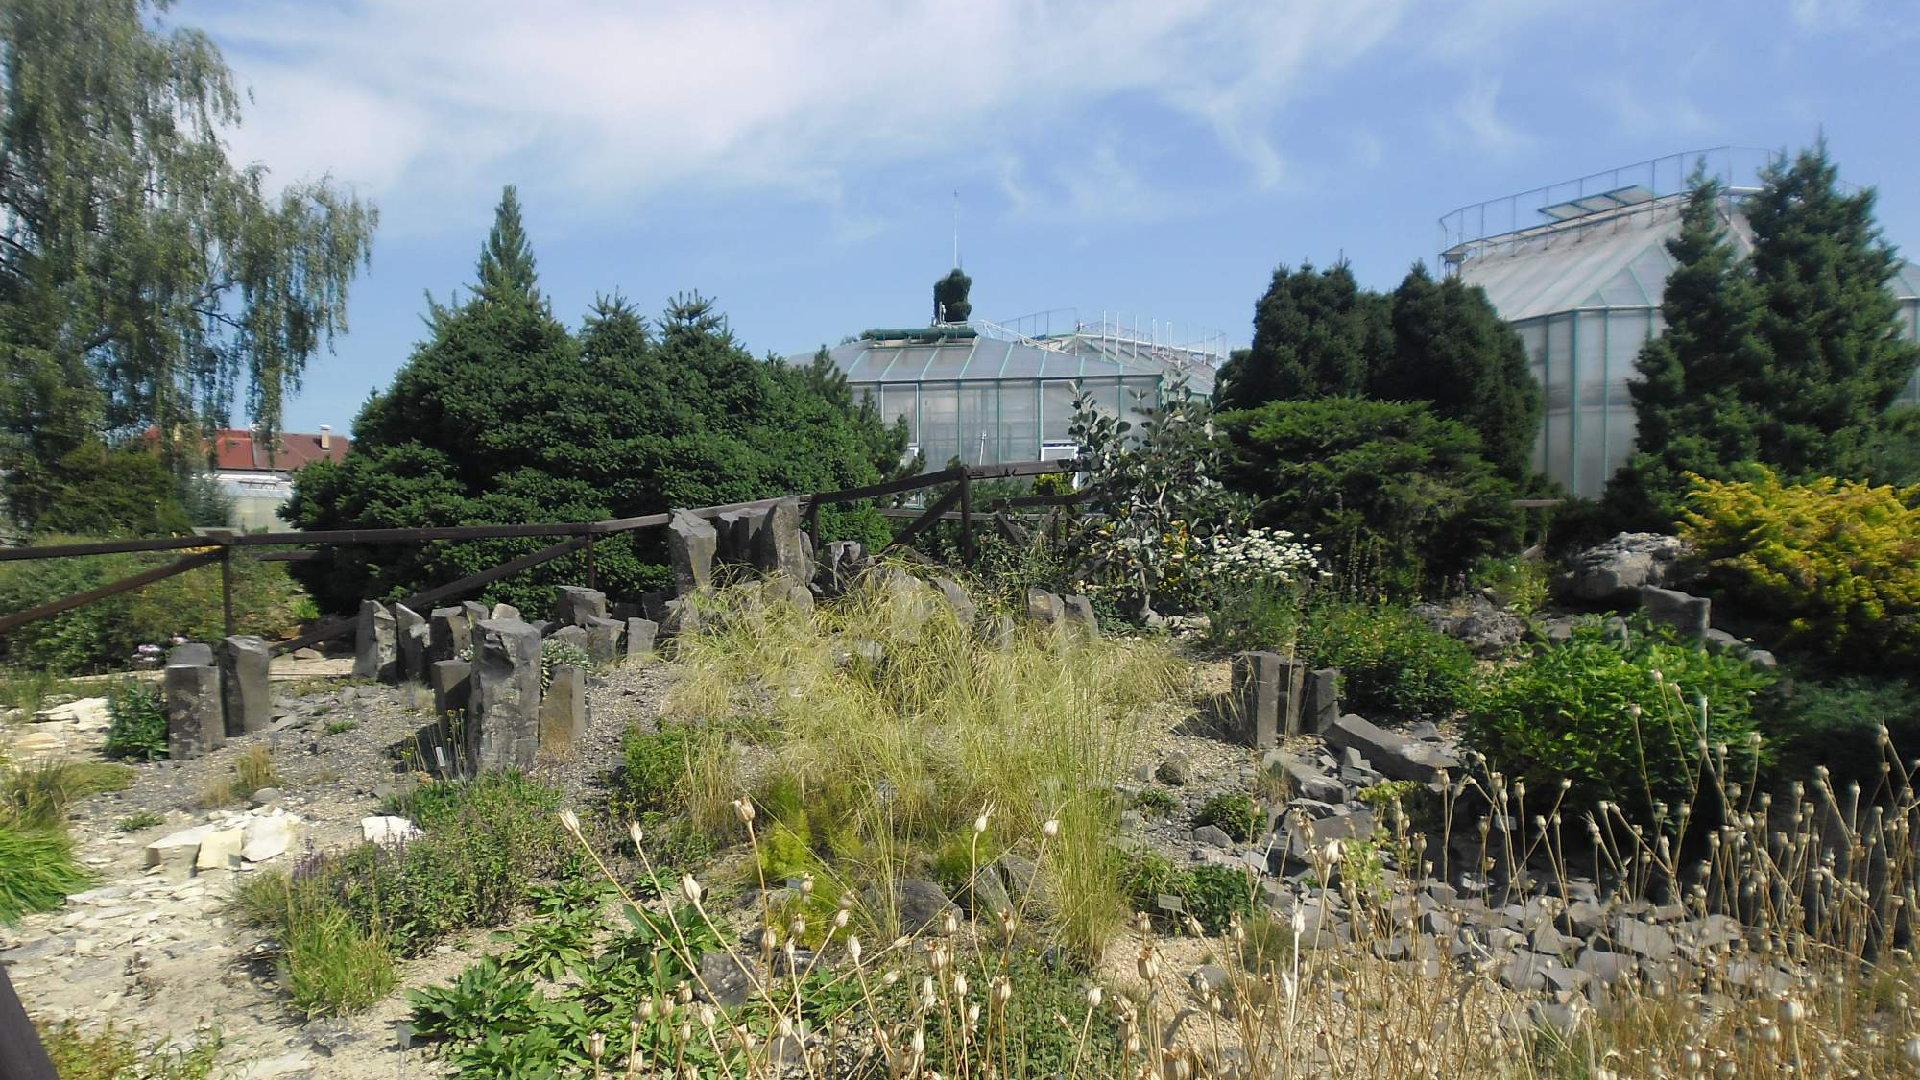 Botanická zahrada Liberec – Vstupné, otevírací doba, průvodce